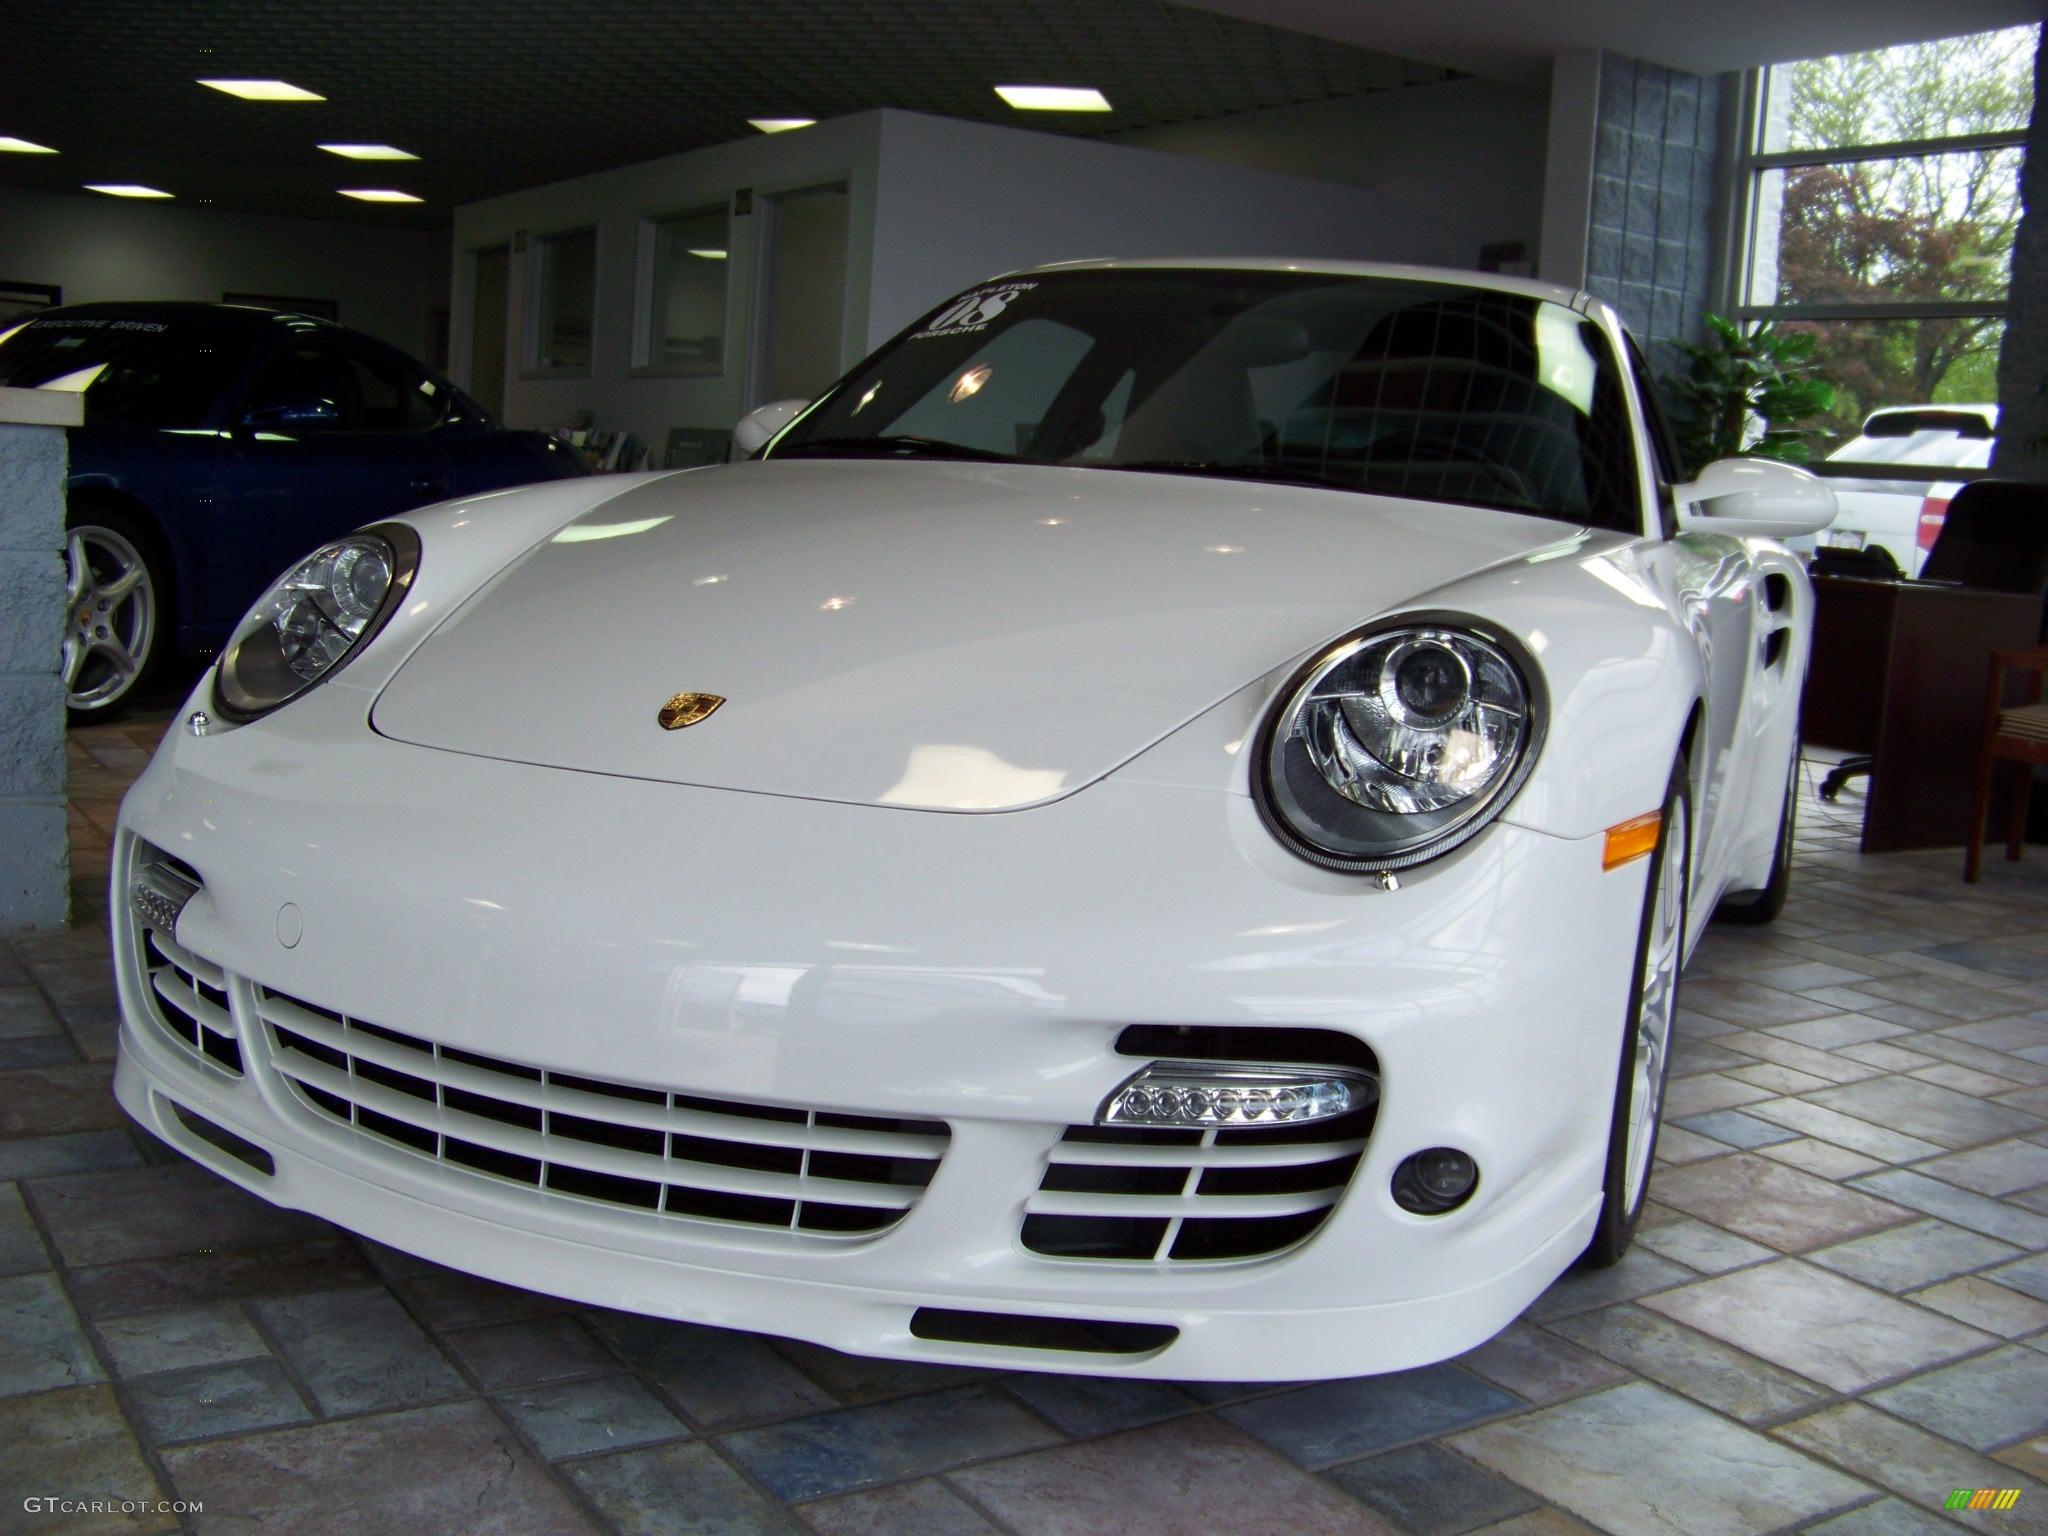 2008 Carrara White Porsche 911 Turbo Coupe 175724